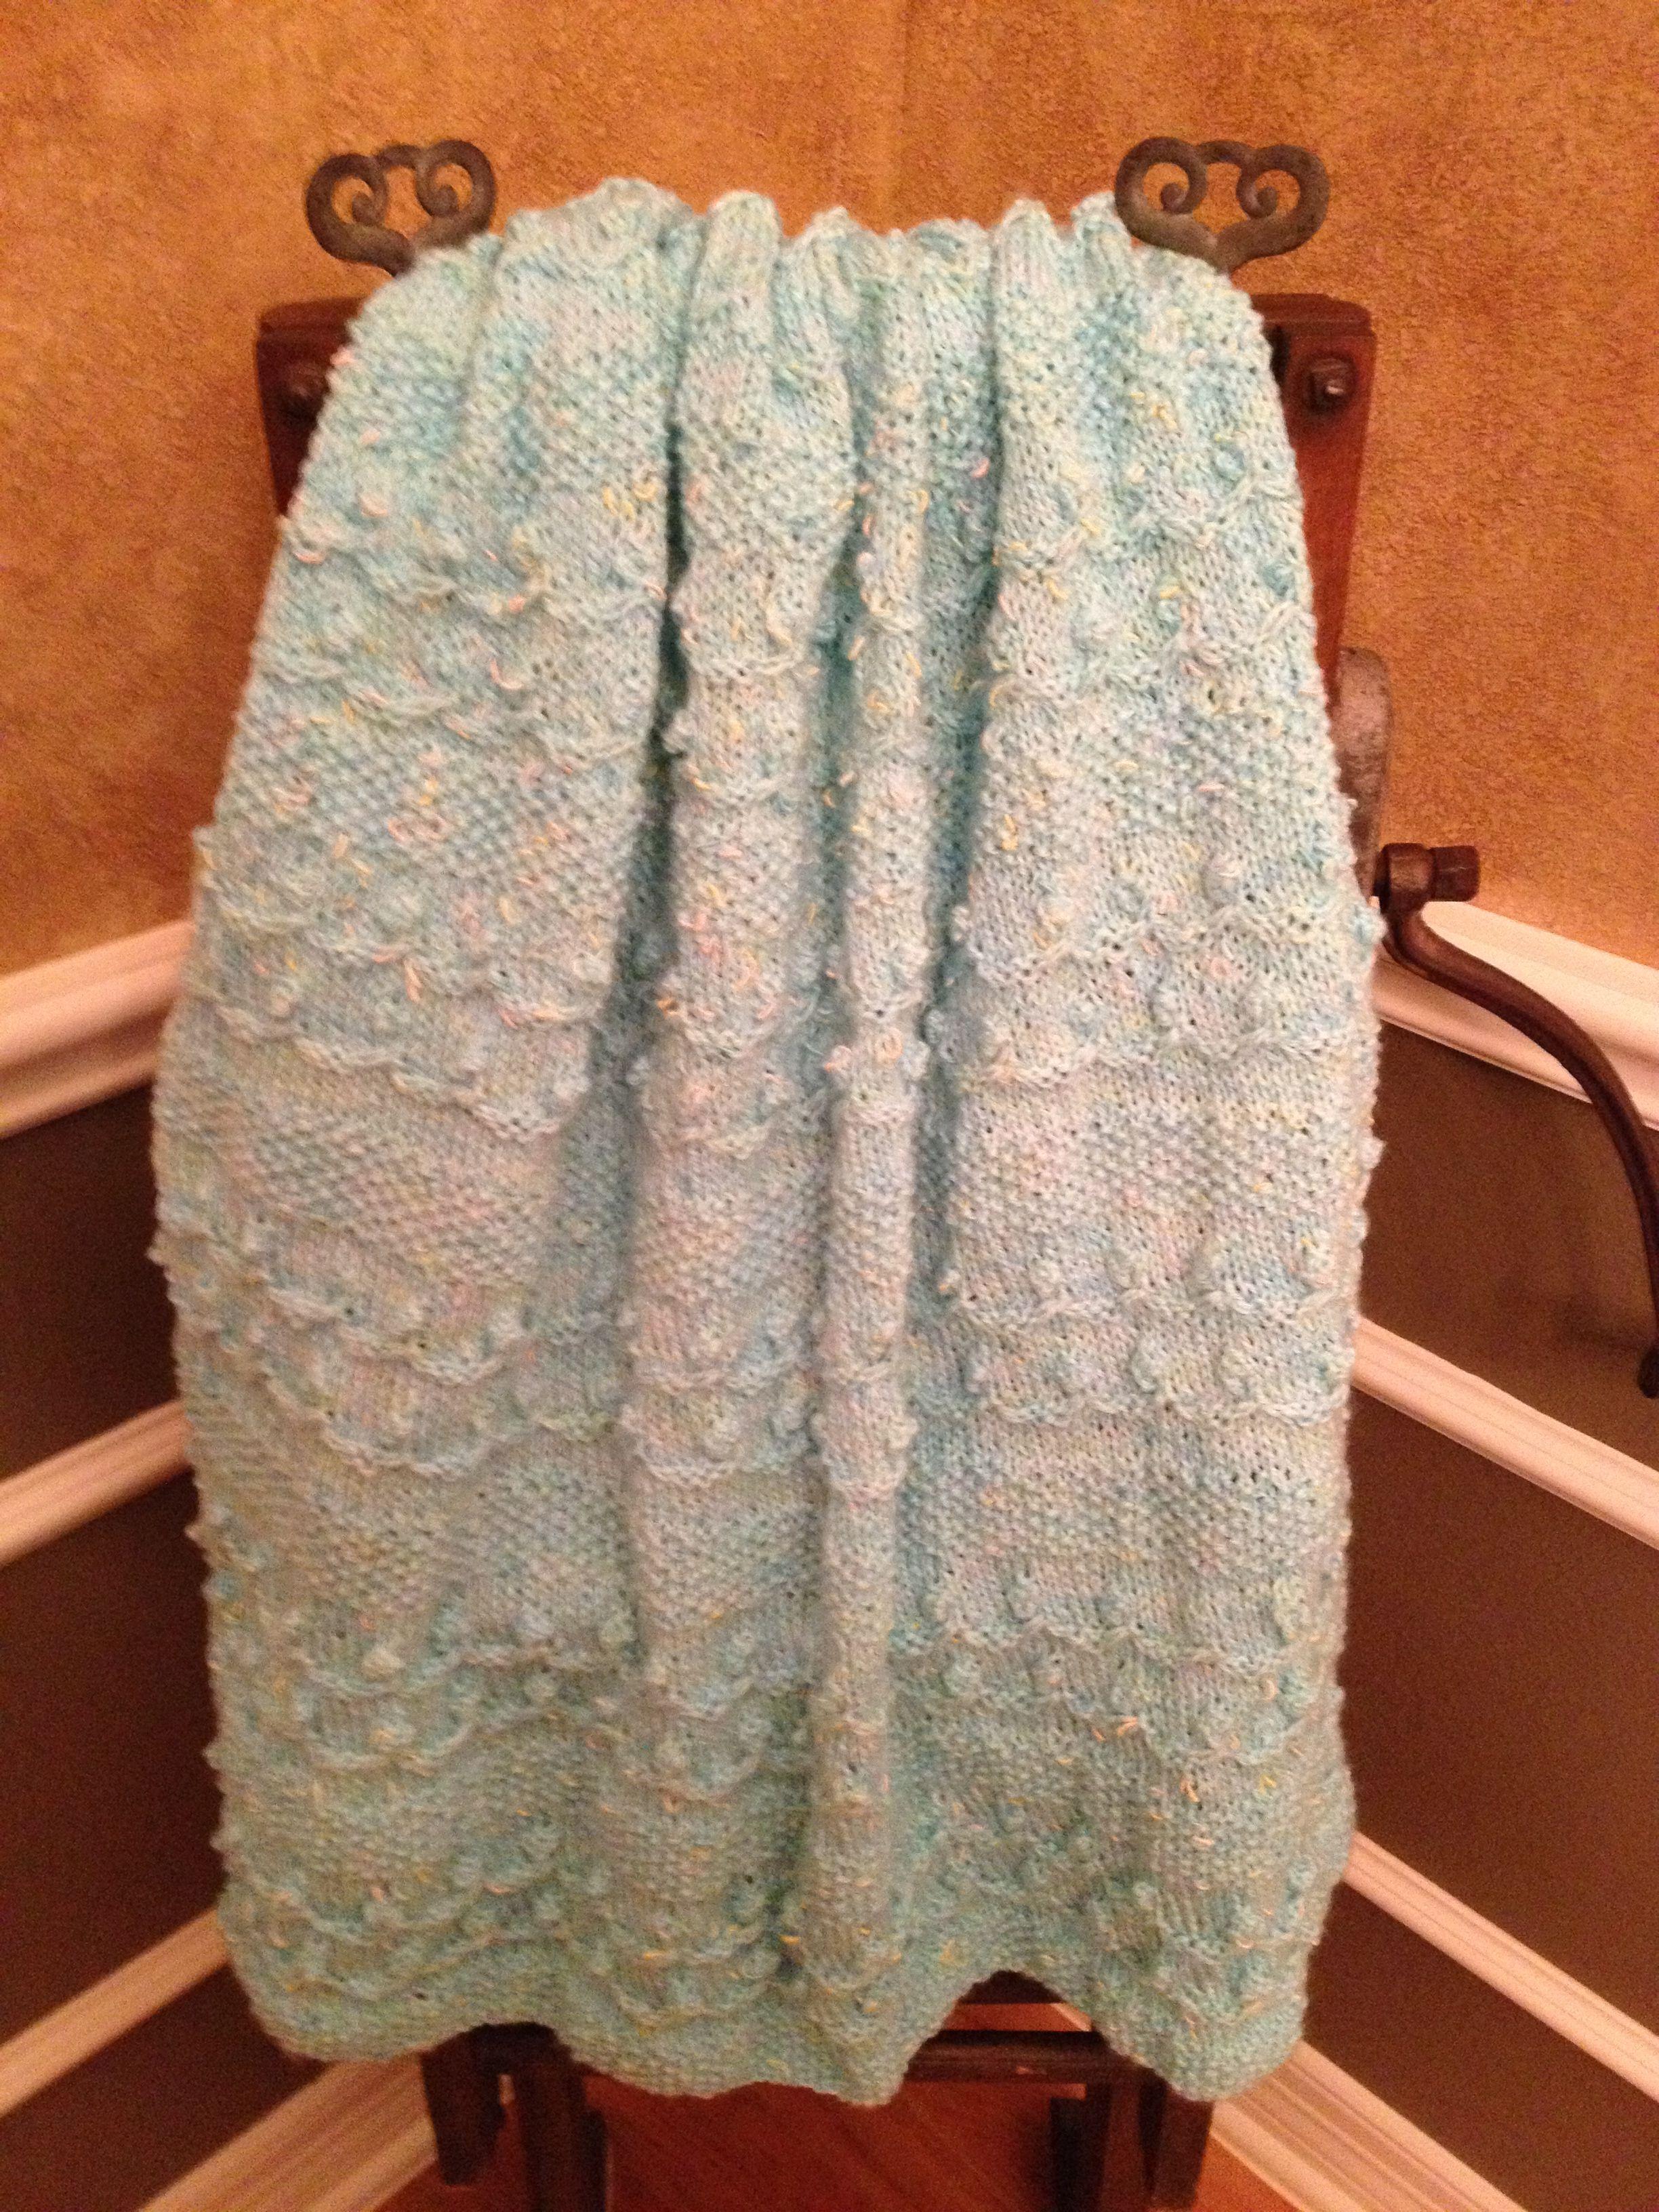 Knitting Crochet Com Patterns : knitted afghan Knitting/crochet patterns Pinterest